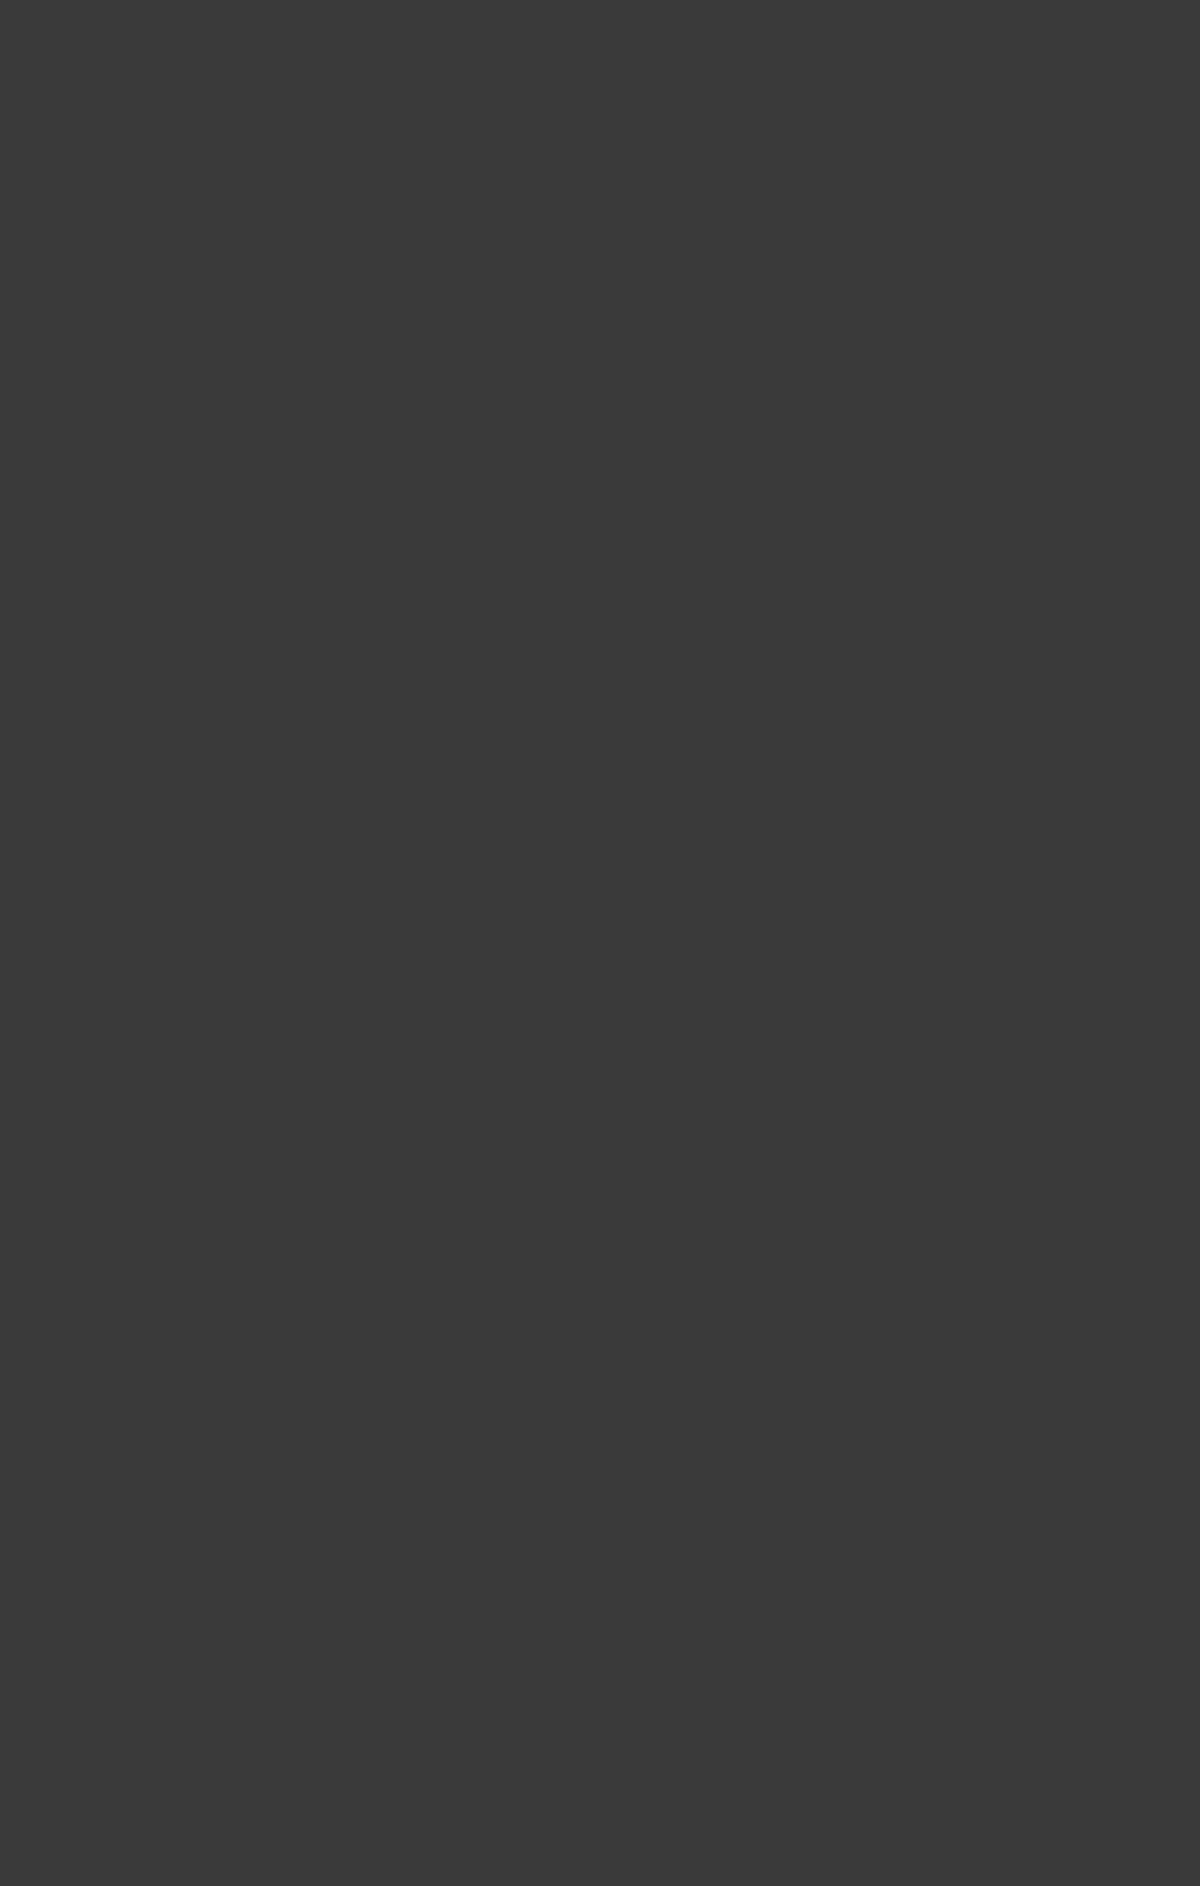 Homepageslideexamples